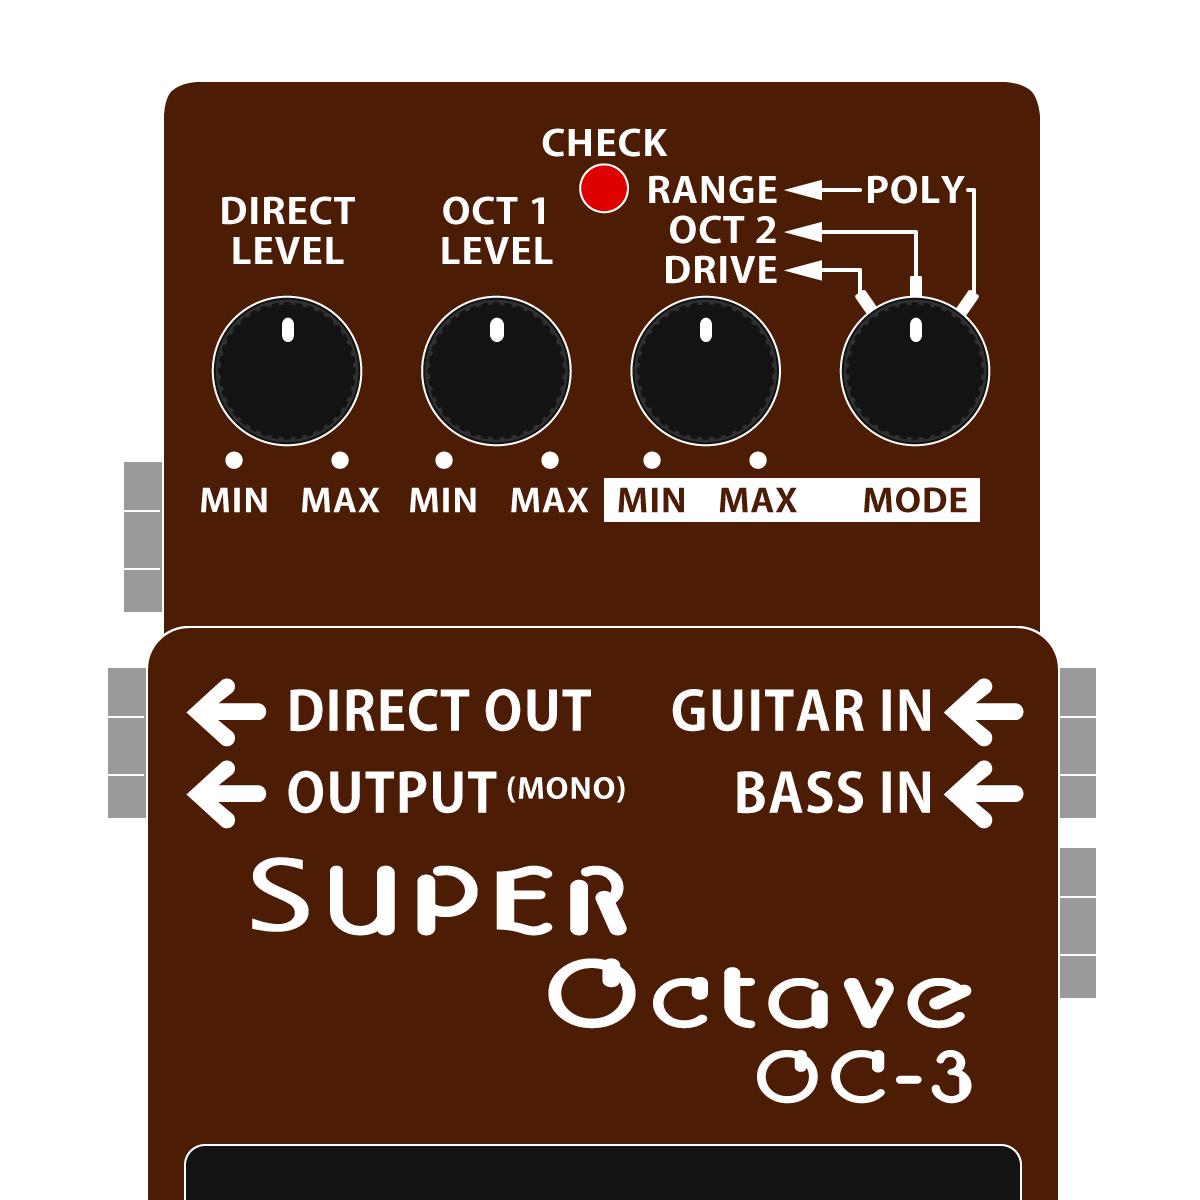 OC-3 SUPER Octave(スーパーオクターブ)